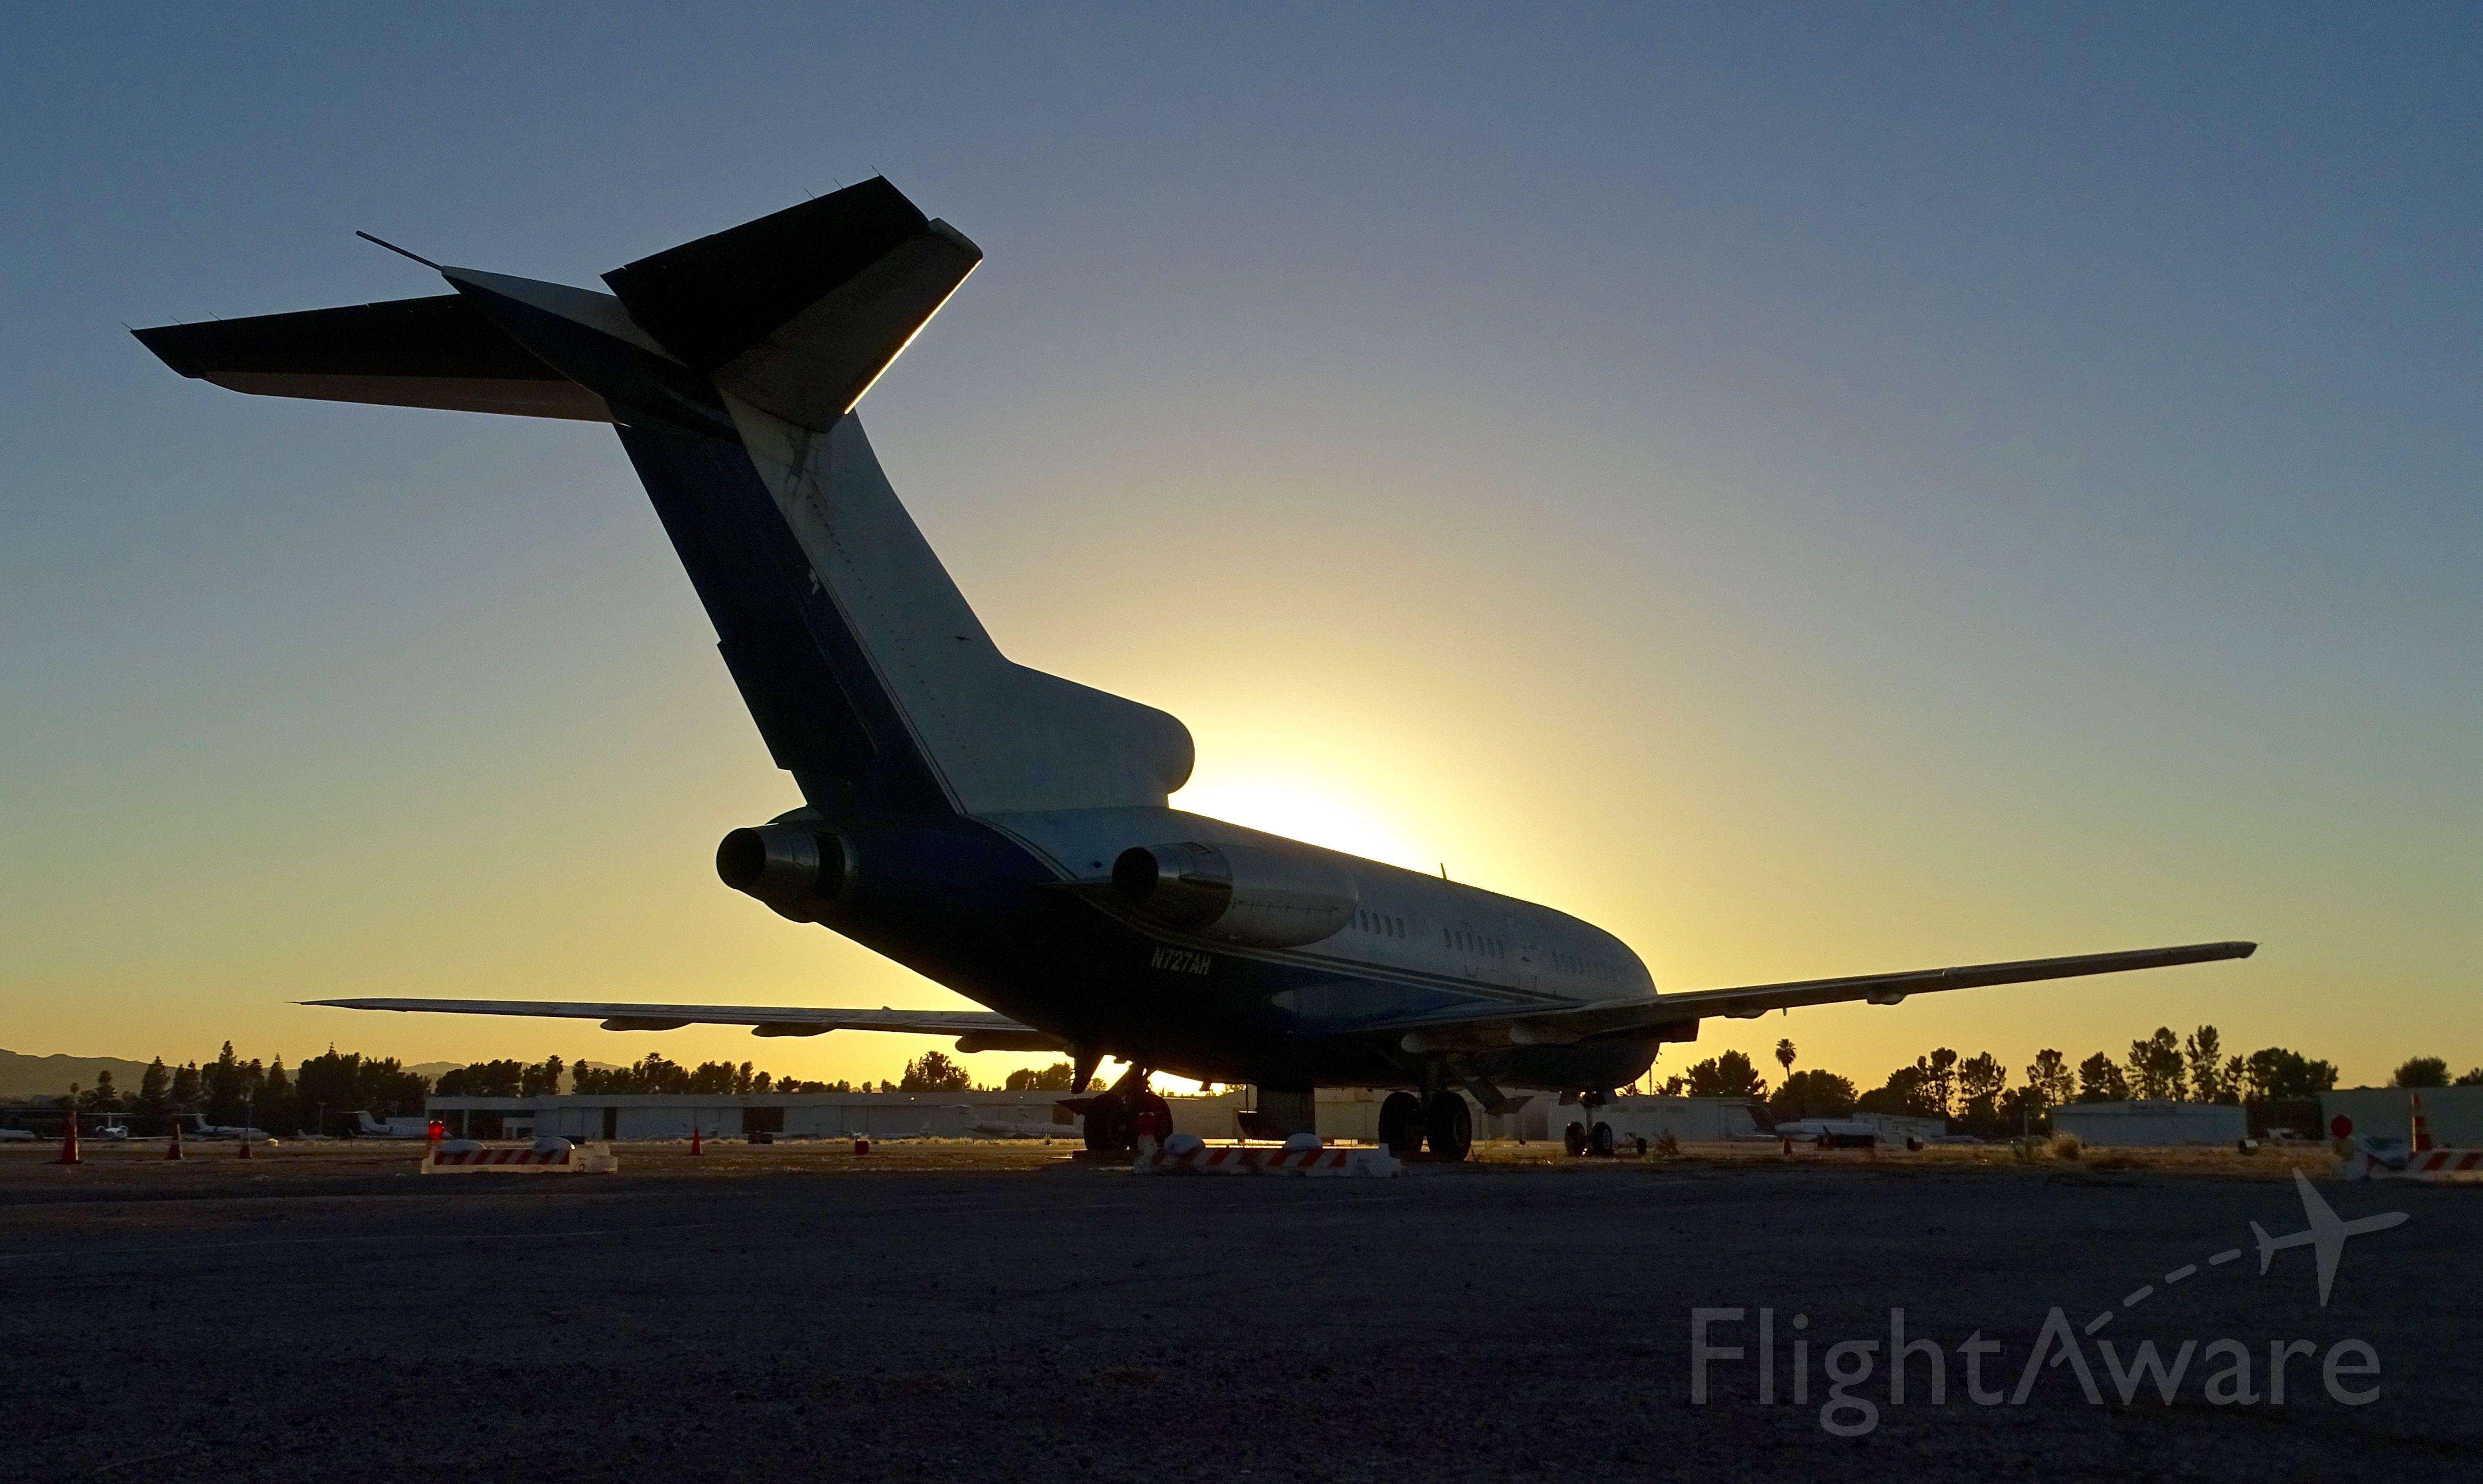 Boeing 727-100 (N727AH) - Spotted at Van Nuys Airport on Nov. 18, 2016